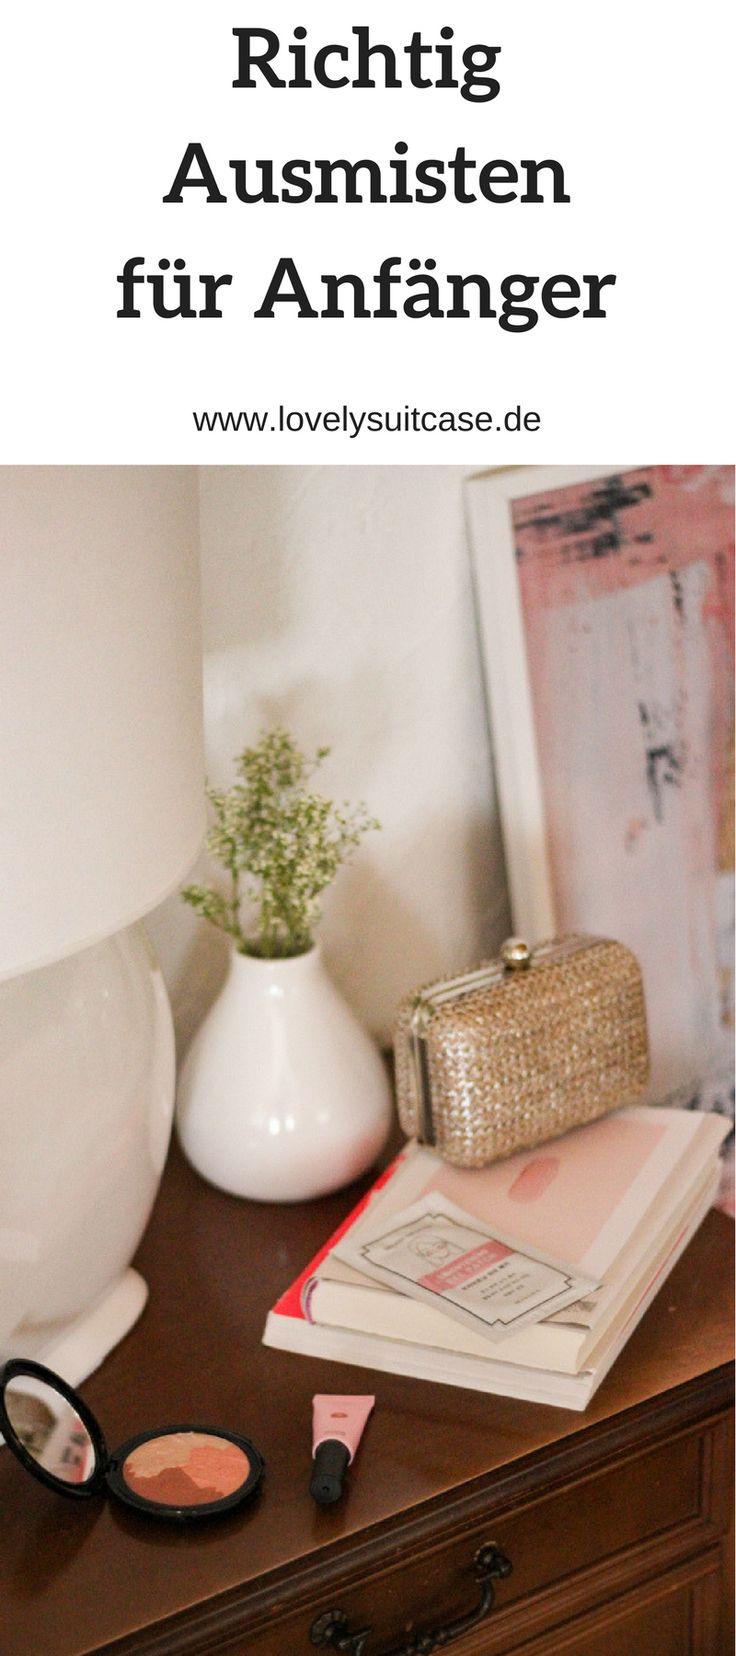 232 best ausmisten images on pinterest ad home bullet journal and declutter. Black Bedroom Furniture Sets. Home Design Ideas